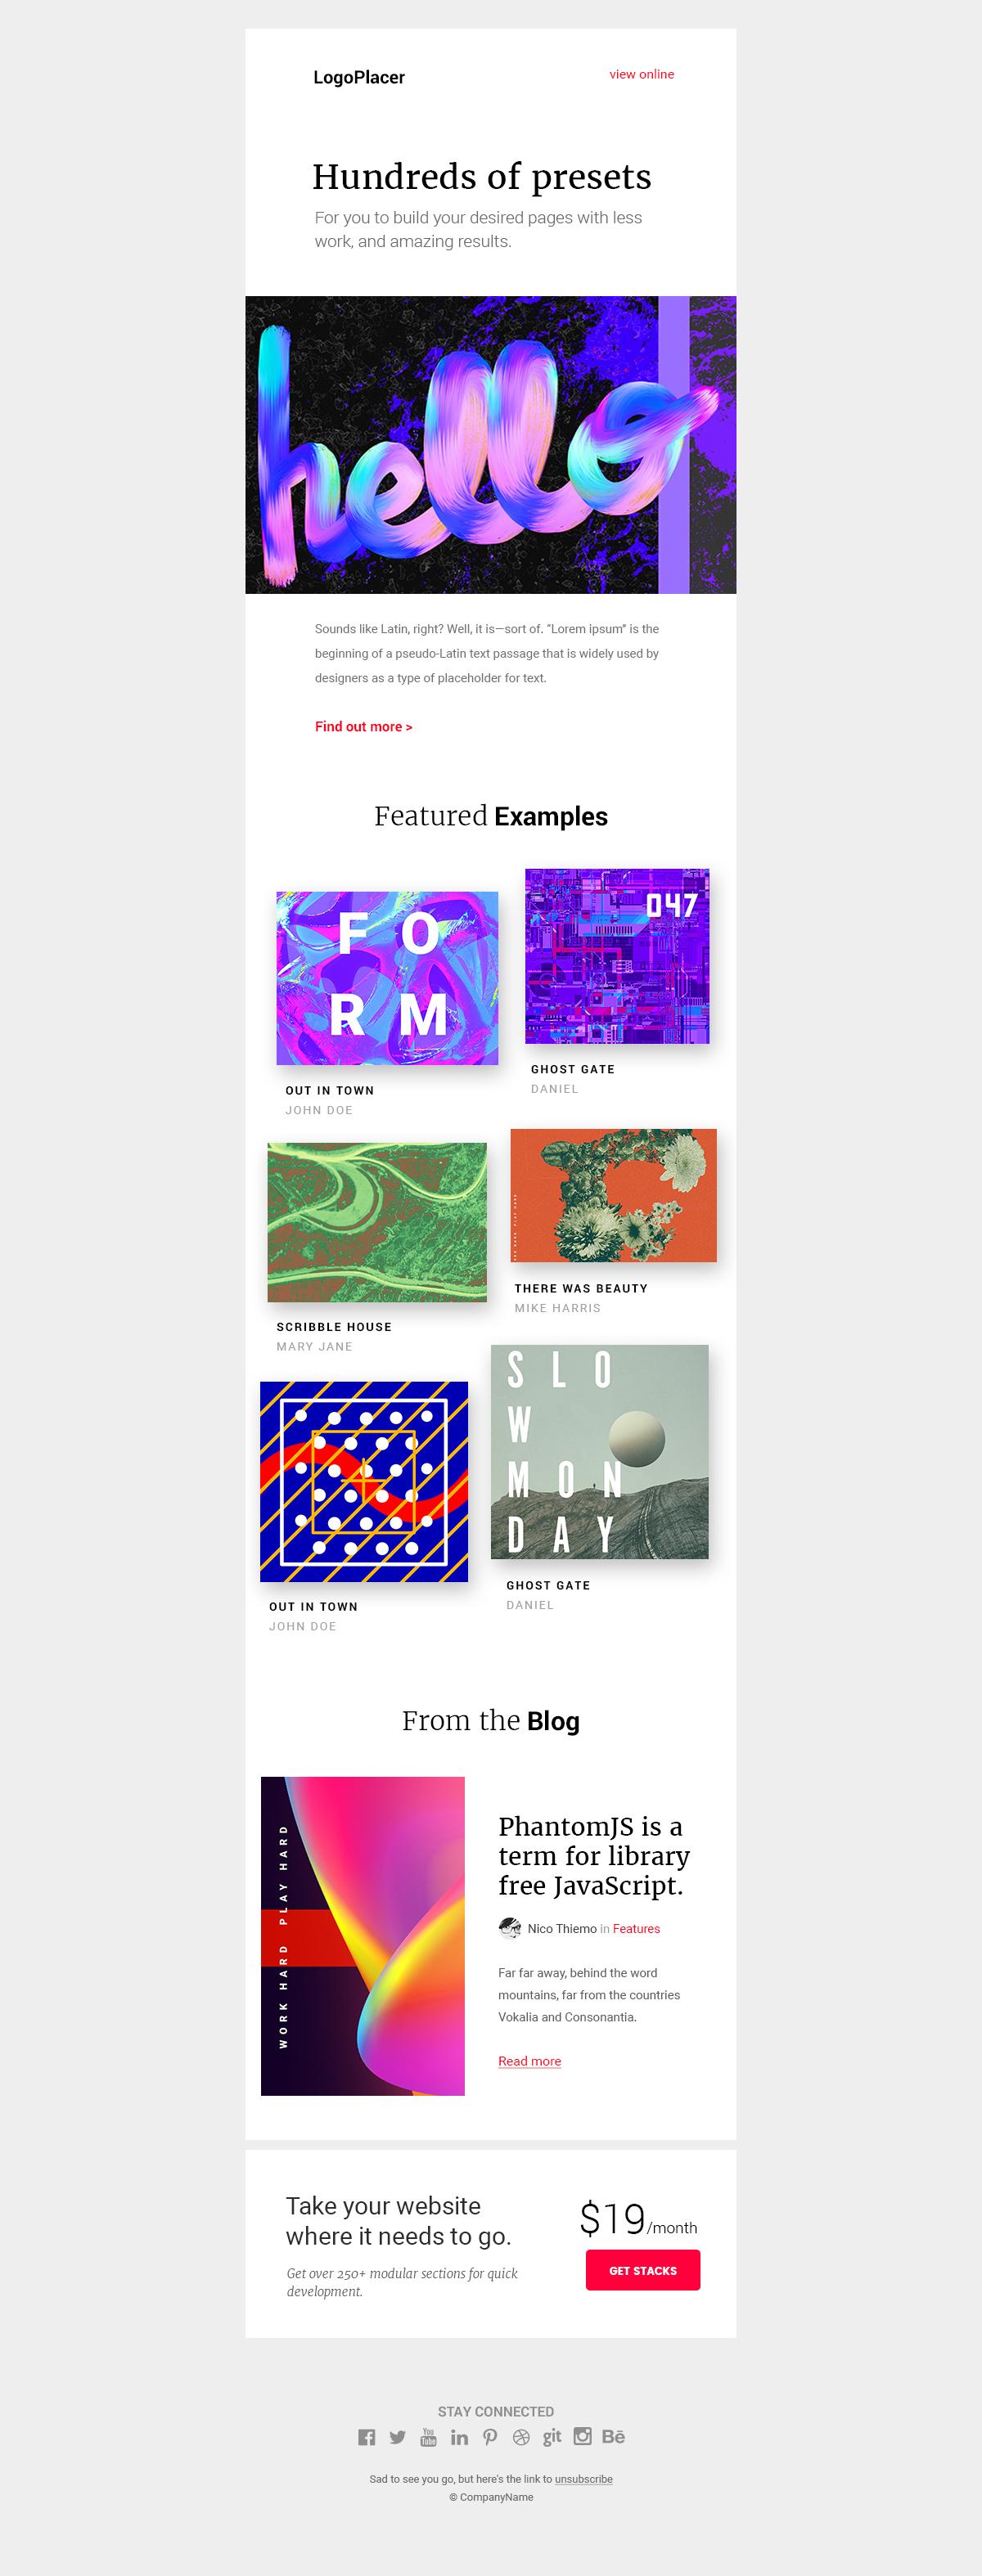 Newsletter UI模板 .psd素材下载 未分类-第1张